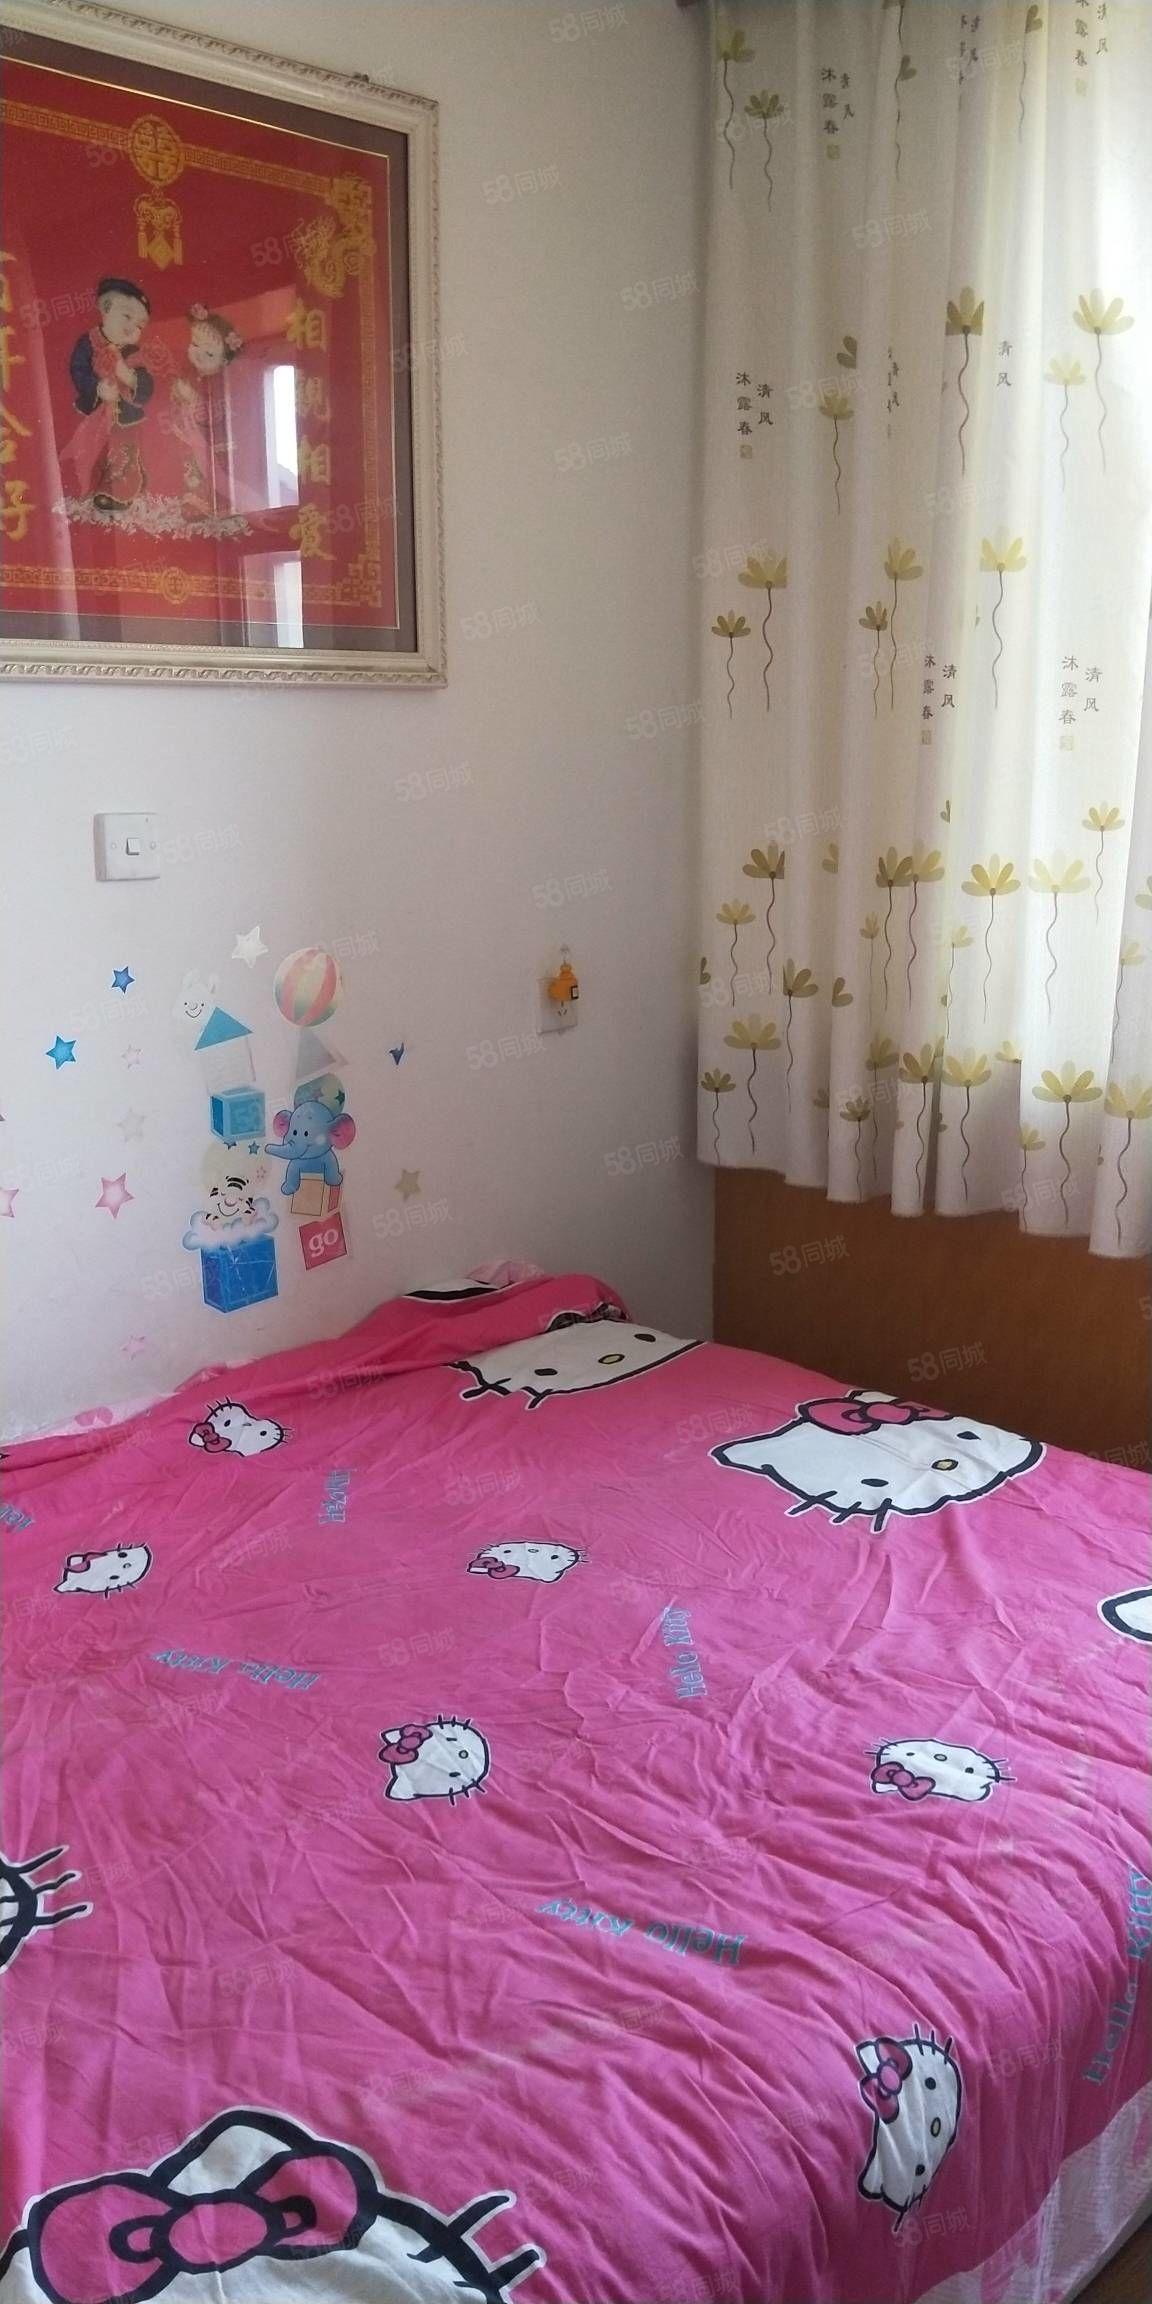 河康小区50型一楼带院年租7000元家具家电齐全房屋干净整洁